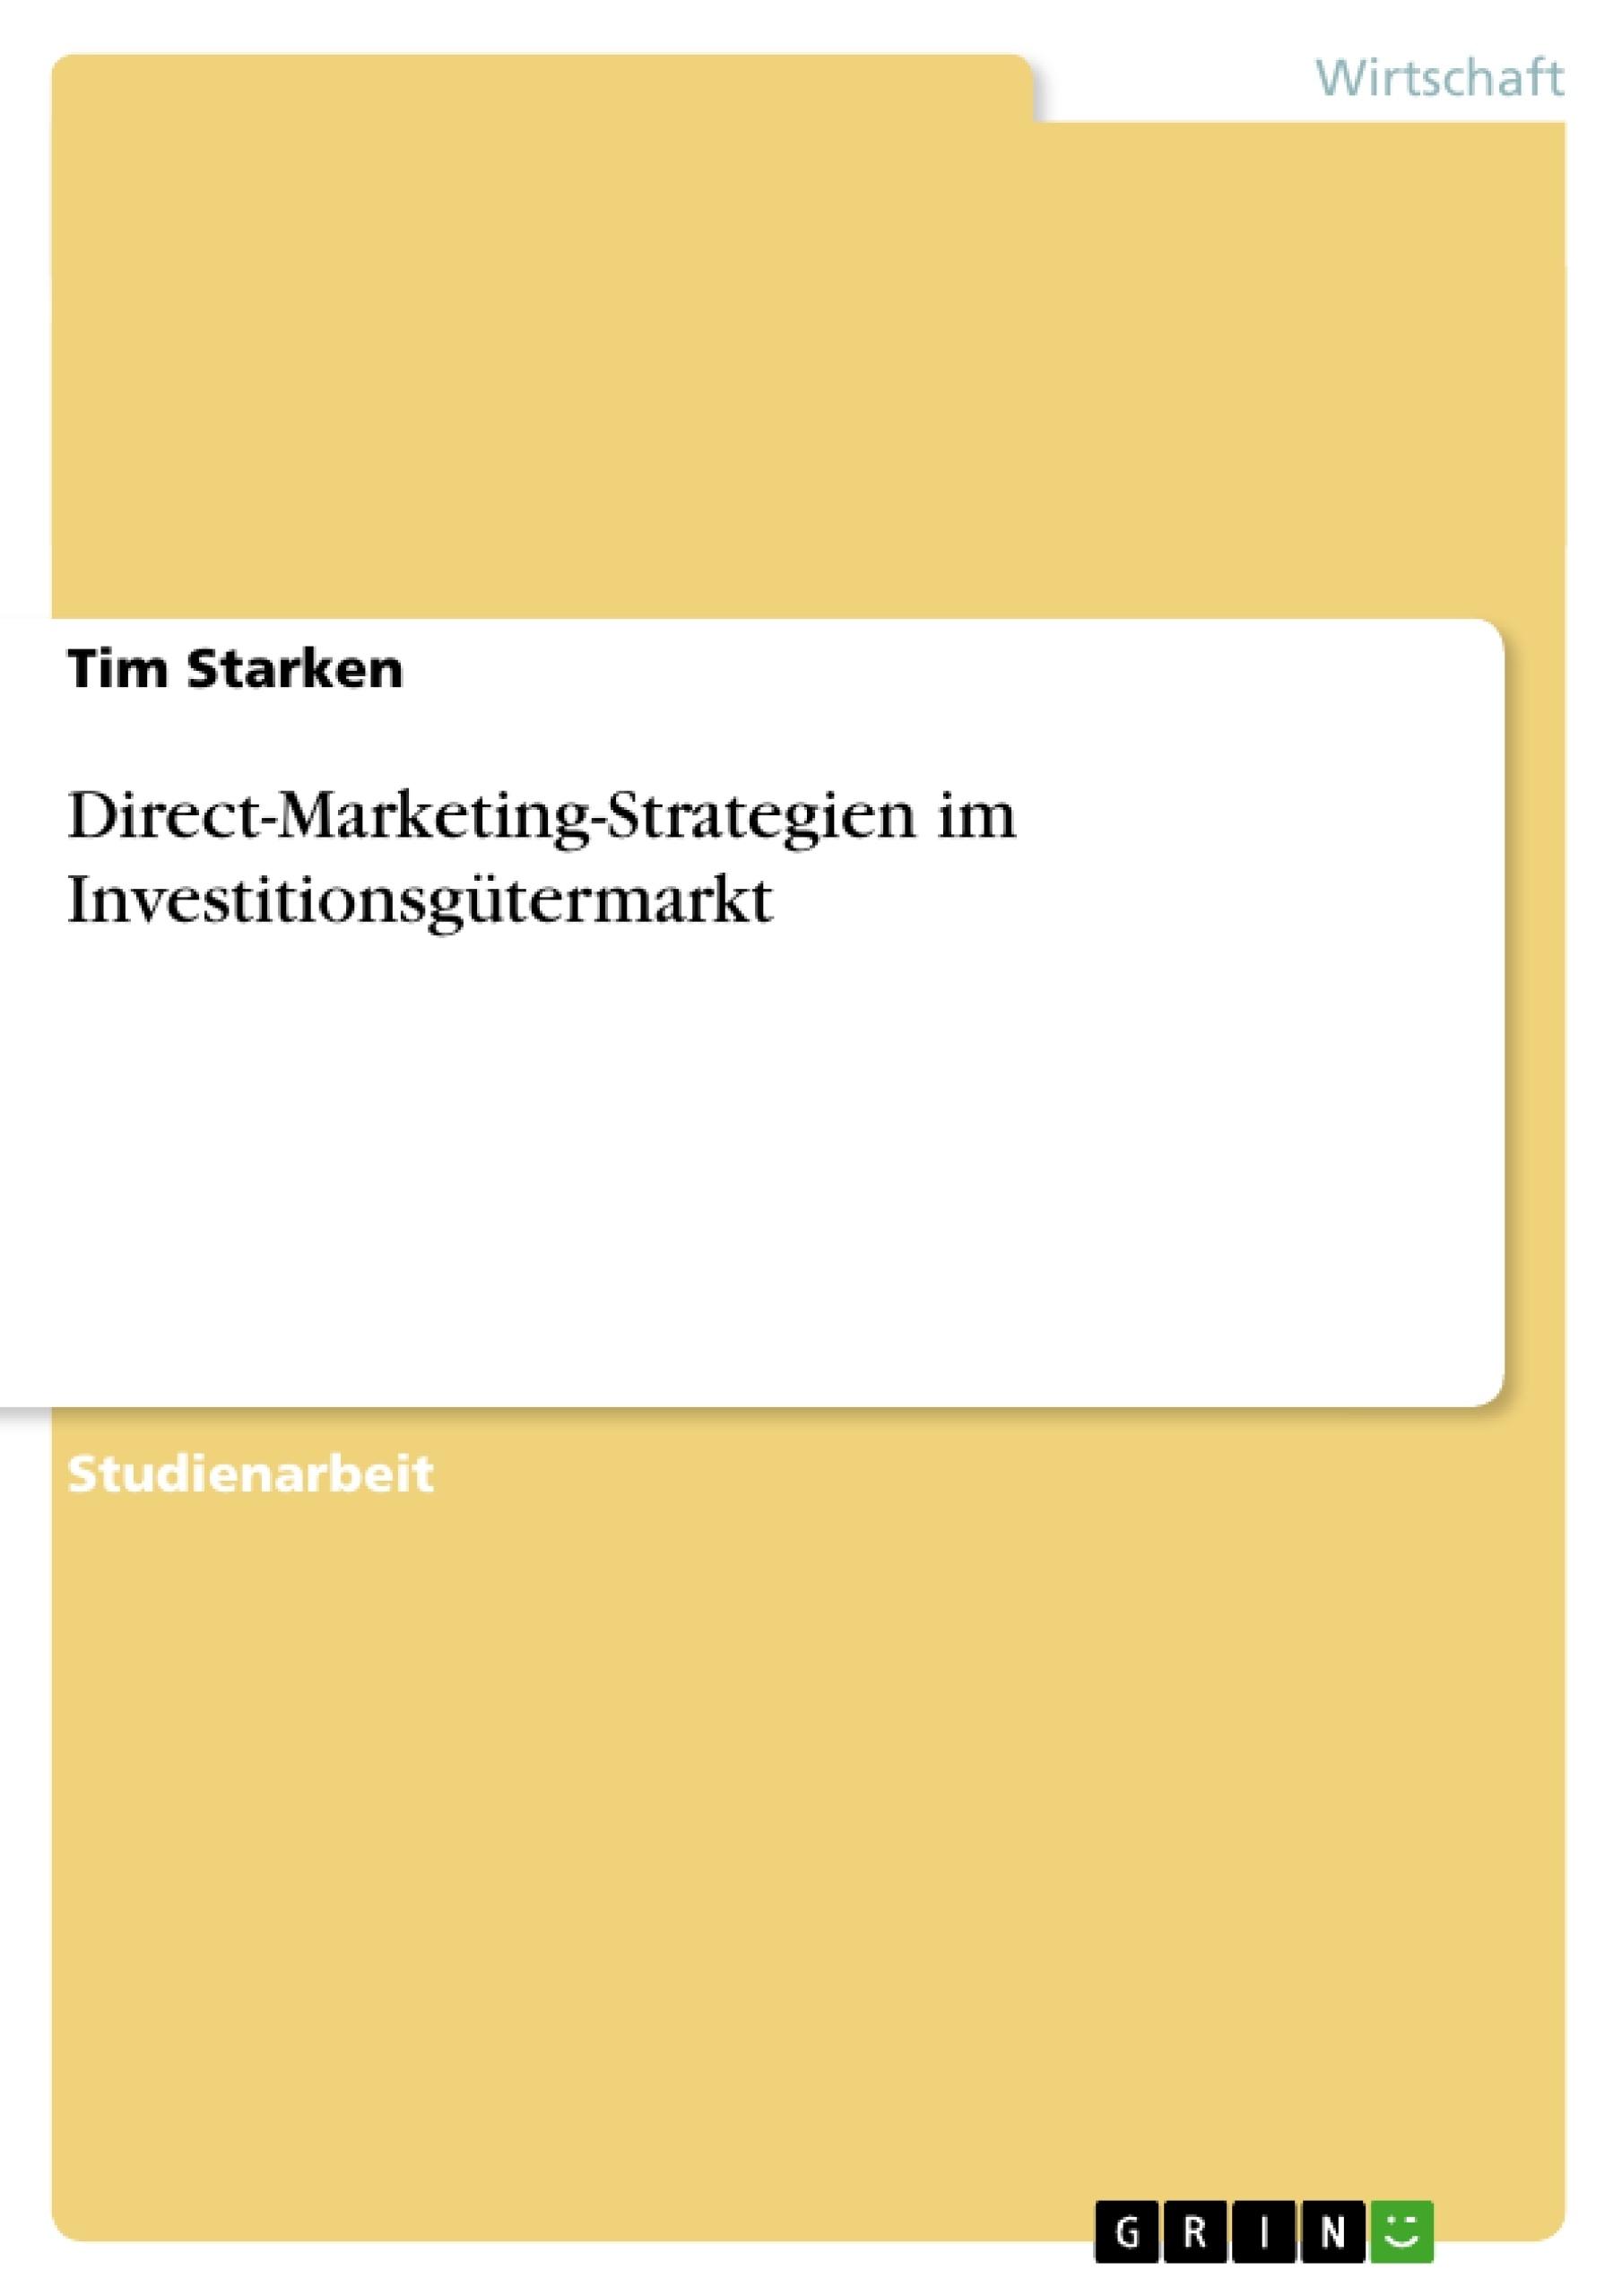 Titel: Direct-Marketing-Strategien im Investitionsgütermarkt